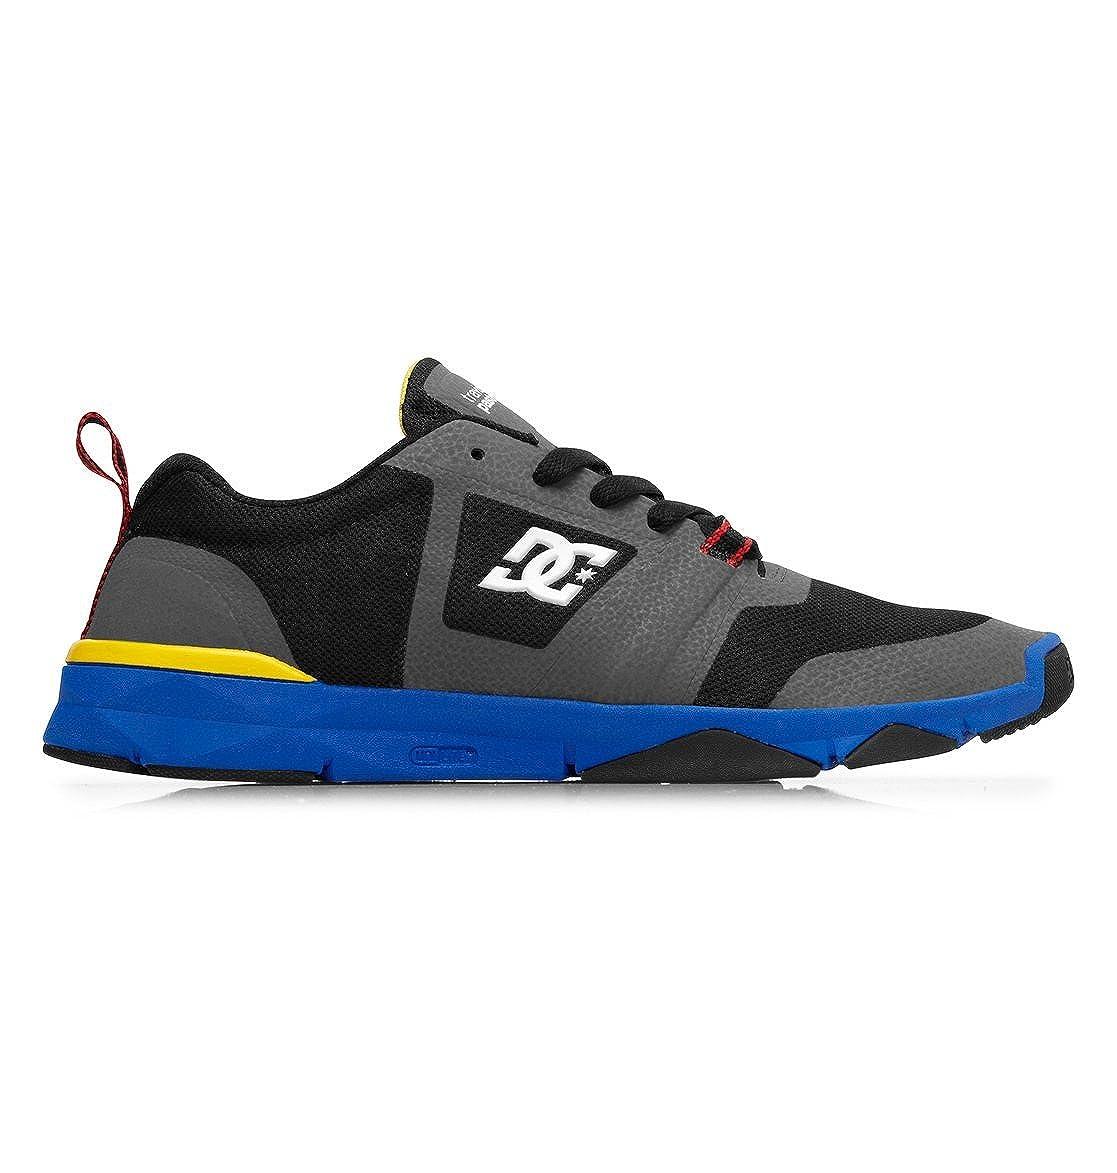 83a18ff8c02f9 Amazon.com: DC Men's Unilite Flex Trainer TP Shoe: Shoes